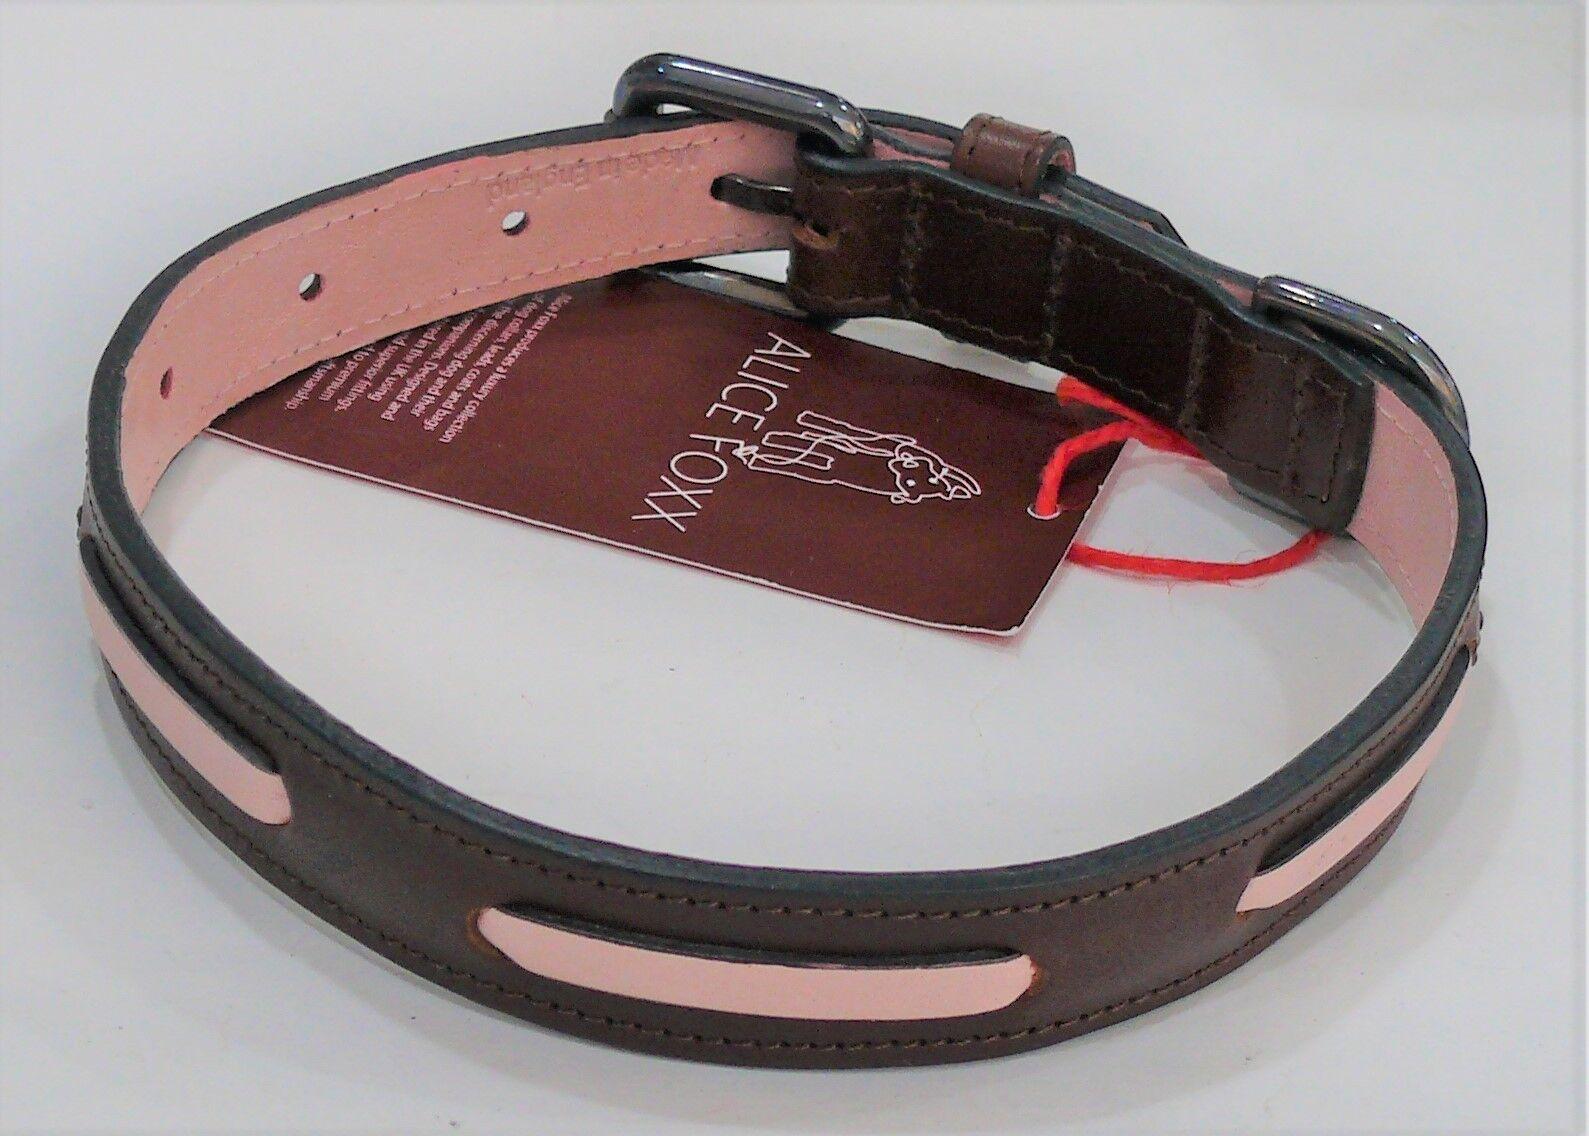 ALICE FOXX Bauhaus Brown Leather Dog Collar with Stitch Detail Medium -Brand New